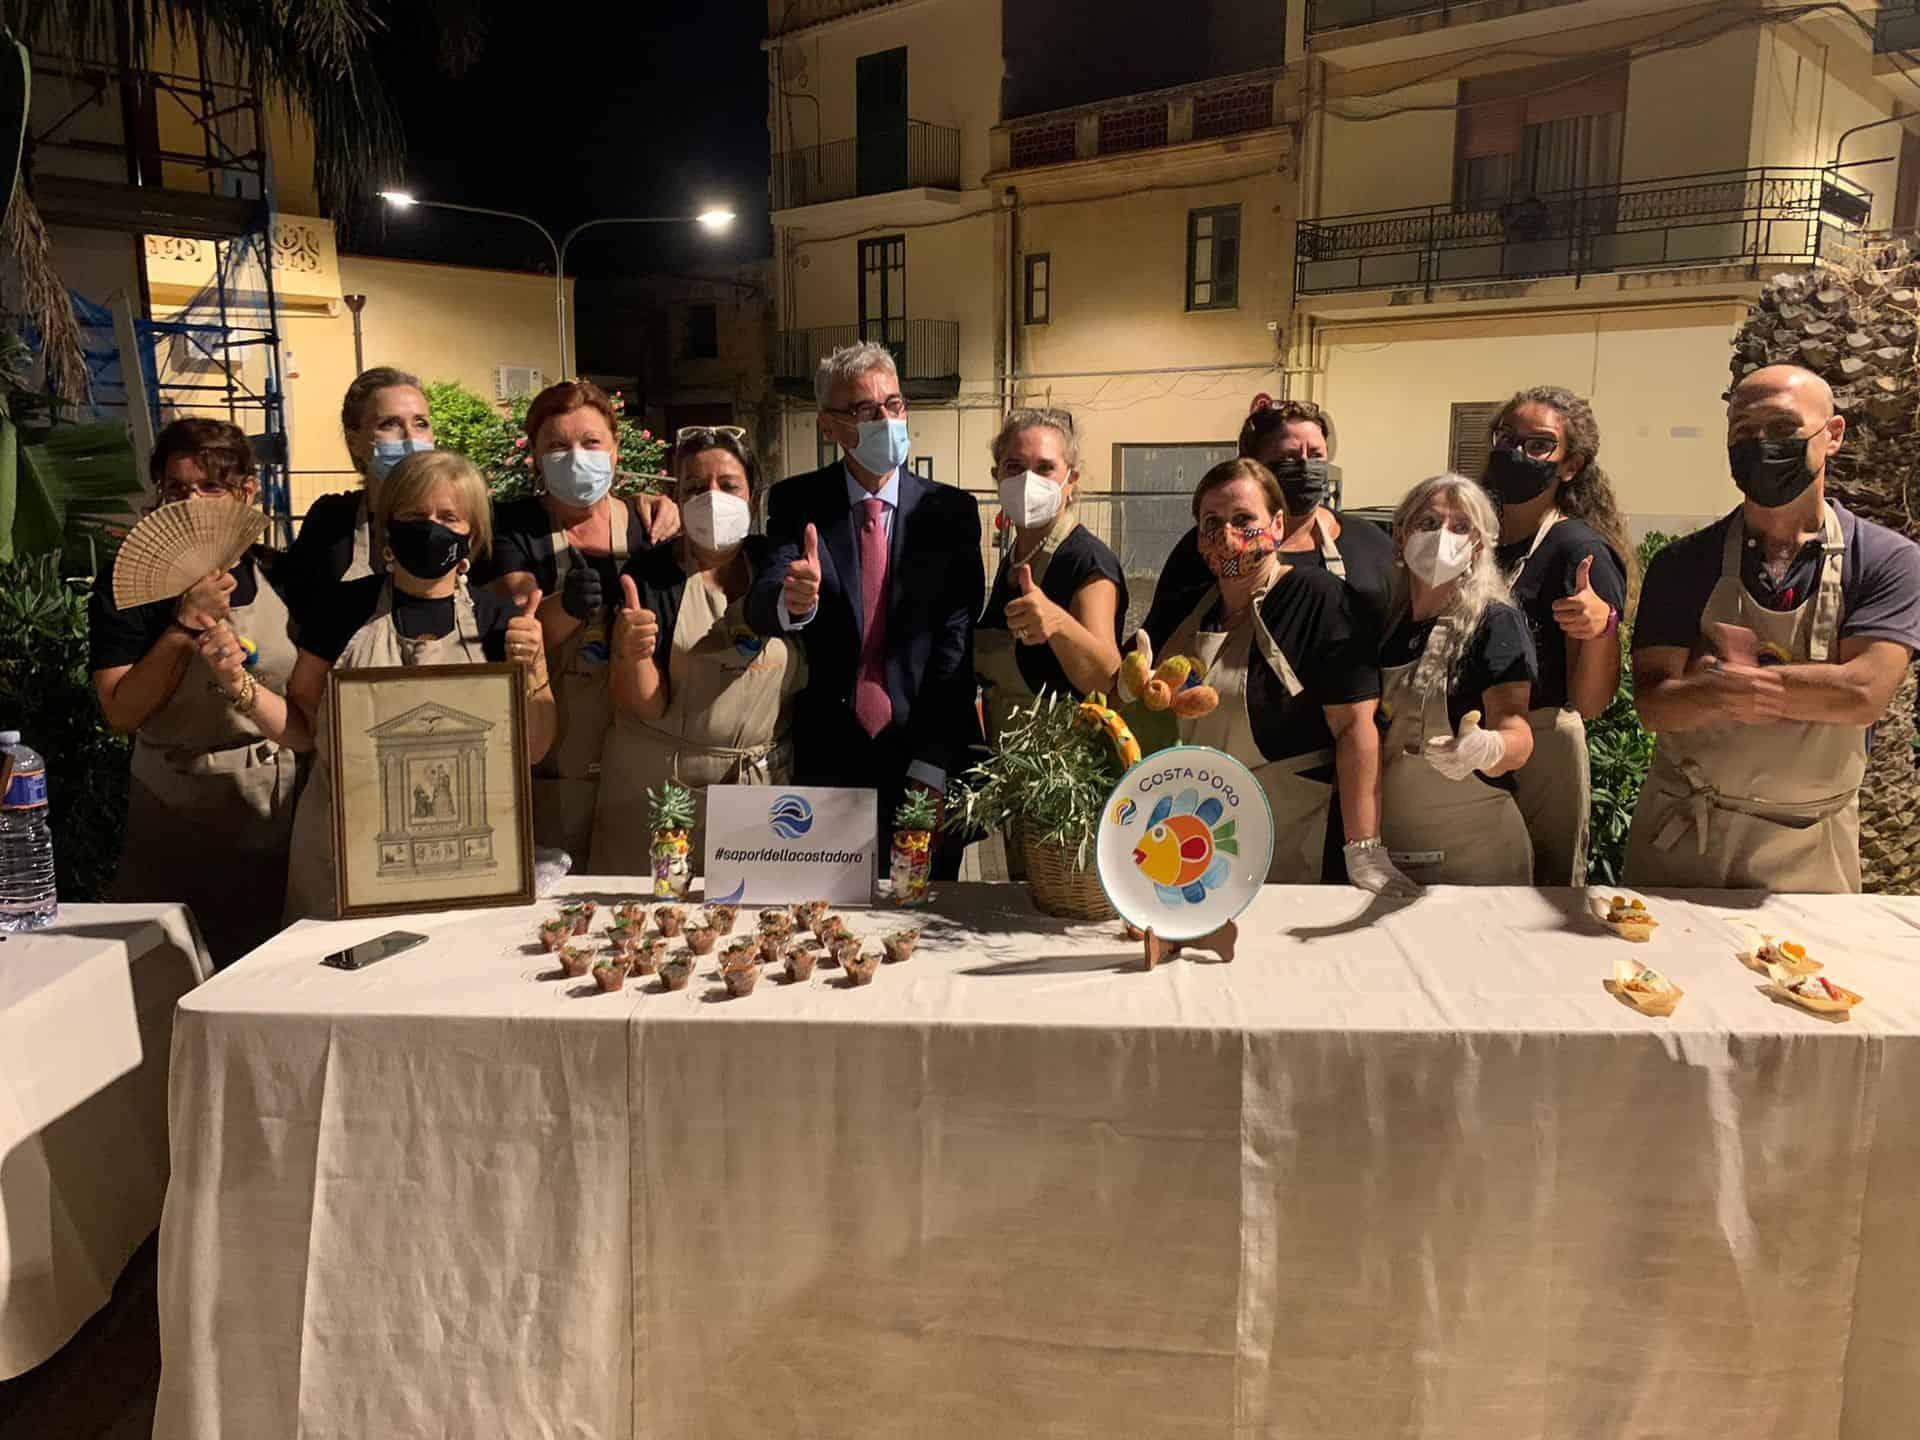 le ambasciatrici del gusto dei sapori della costa d'oro con il presidente Pino Virga